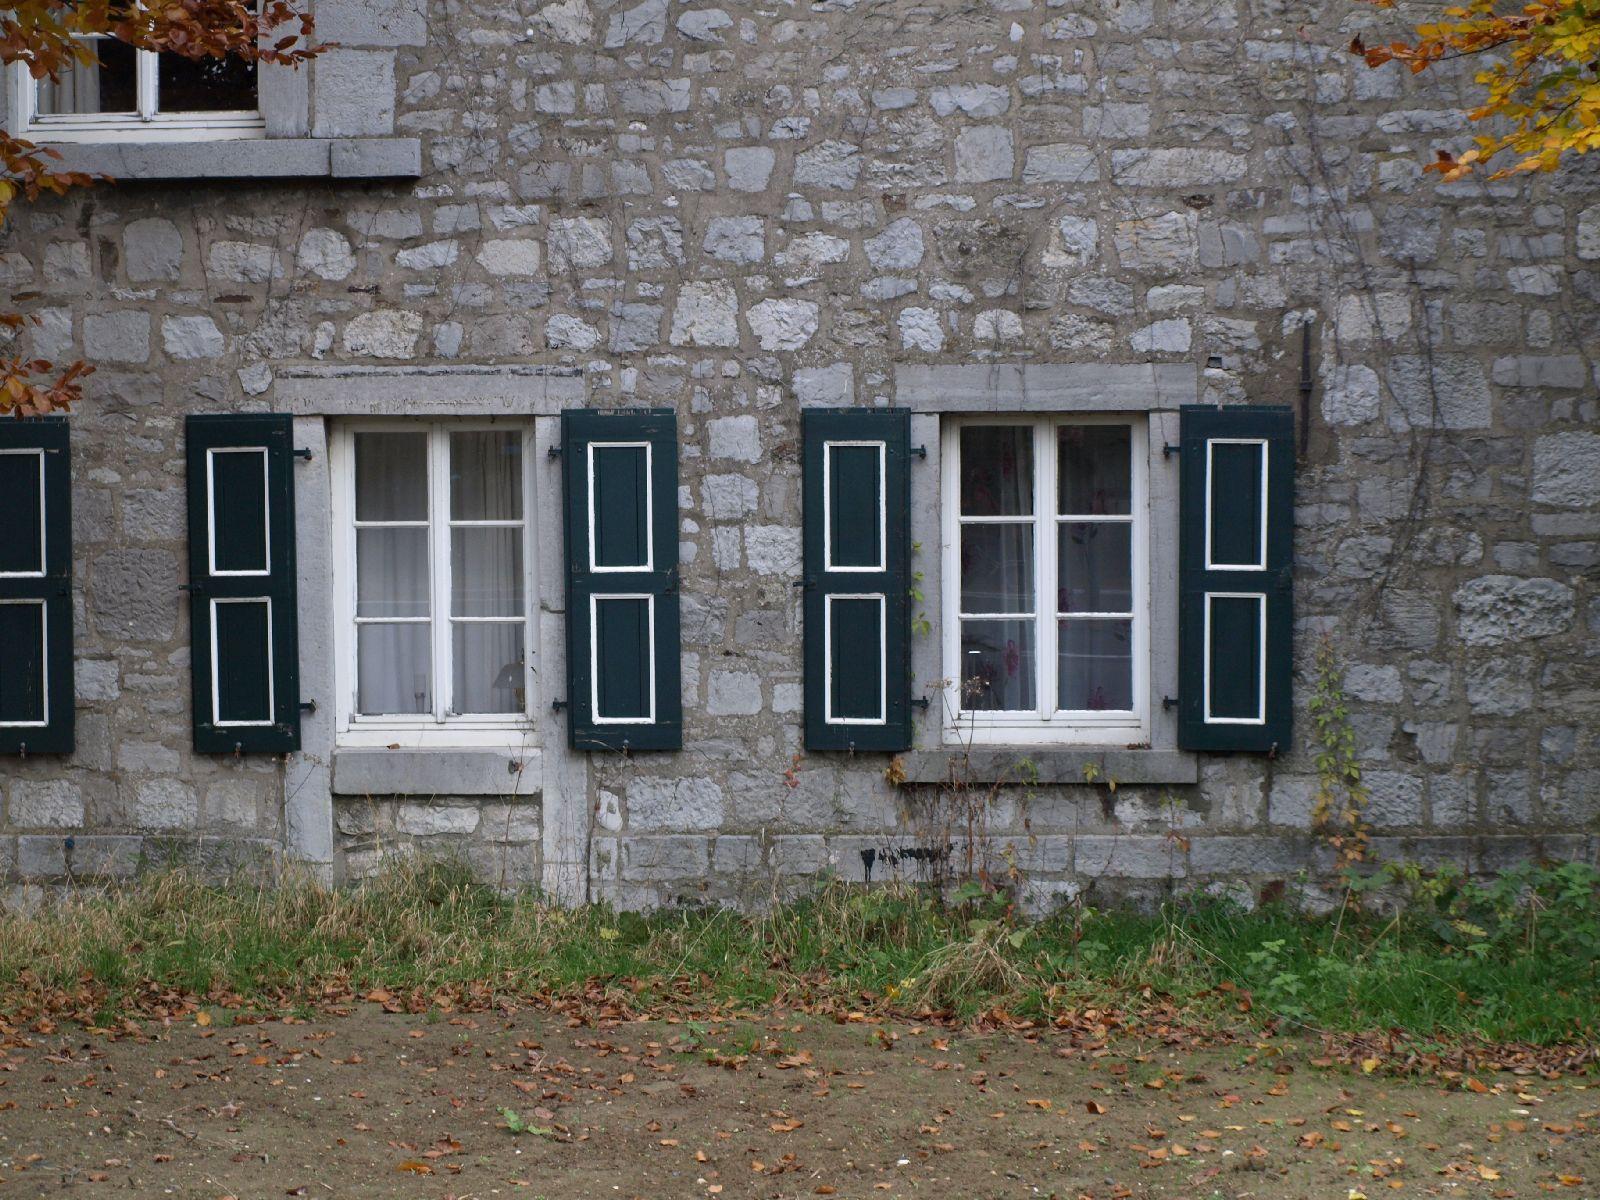 Gebaeude-Tueren-Fenster_Textur_A_PB026412